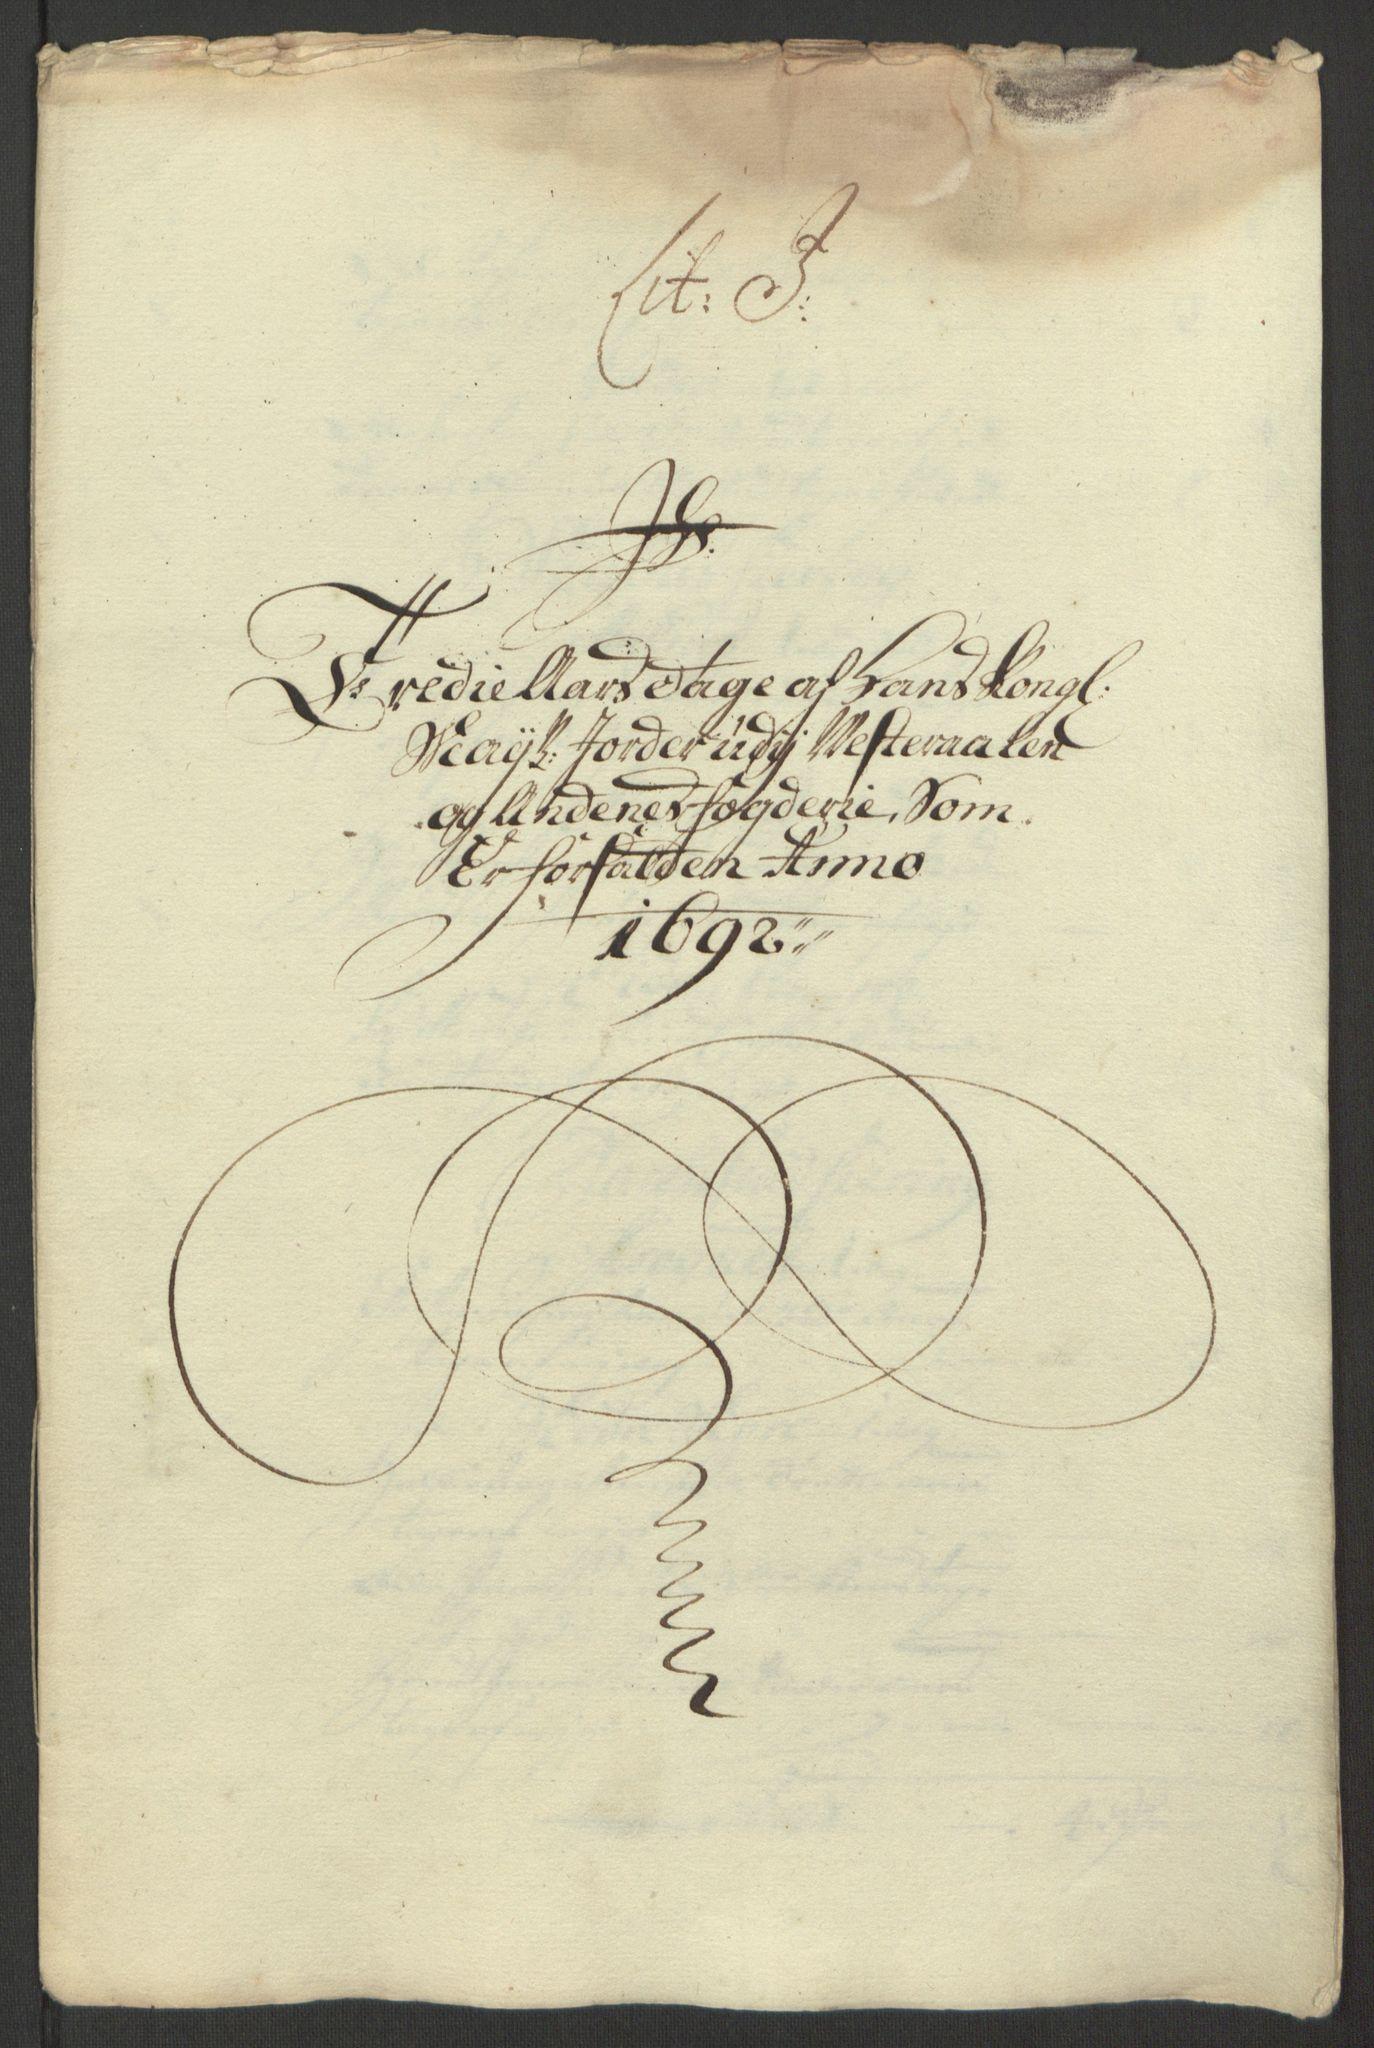 RA, Rentekammeret inntil 1814, Reviderte regnskaper, Fogderegnskap, R67/L4676: Fogderegnskap Vesterålen, Andenes og Lofoten, 1691-1693, s. 171